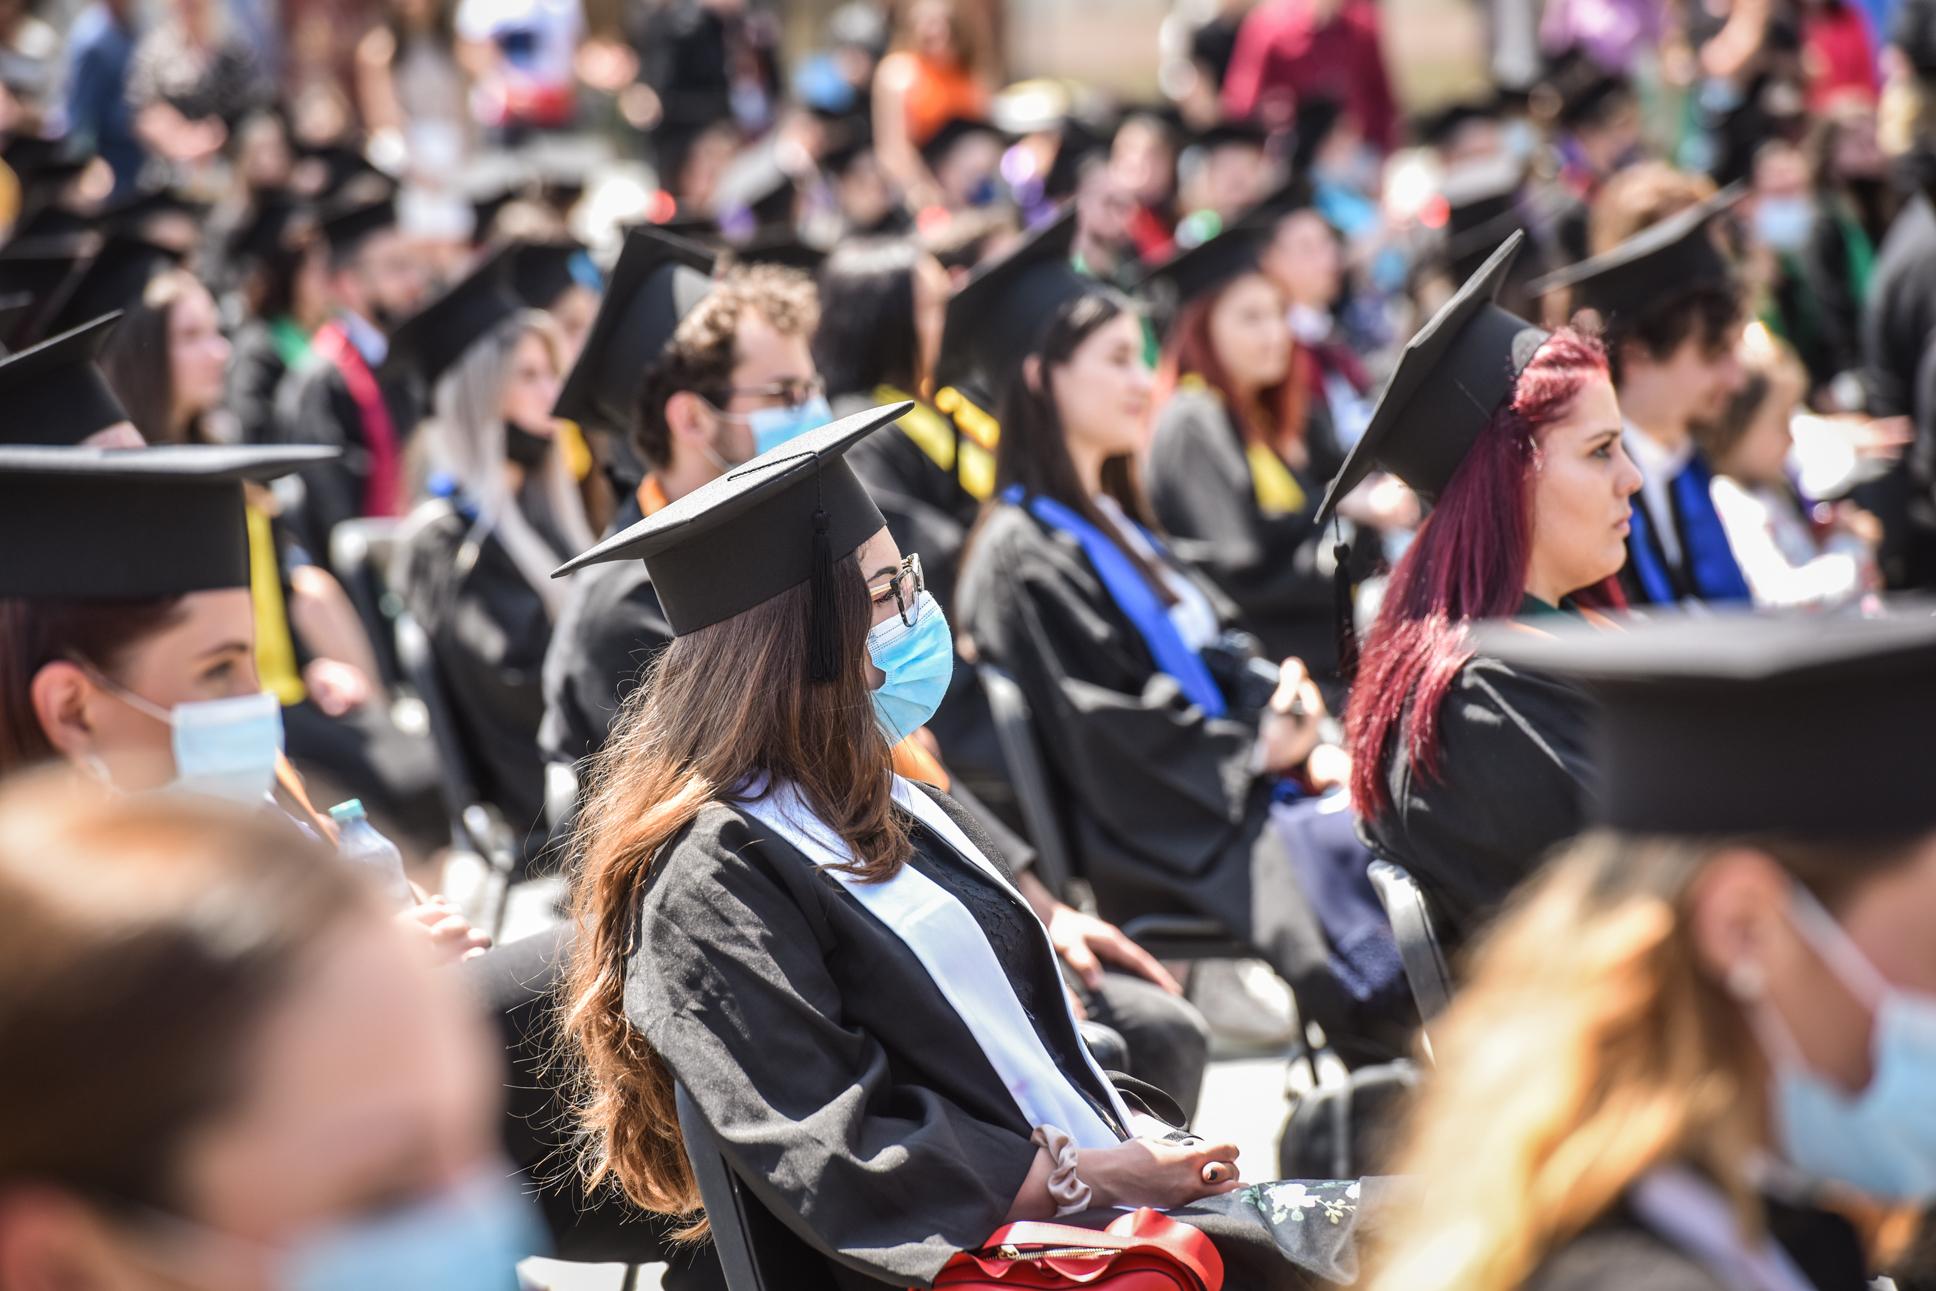 ULBS și AFT deschid anul universitar în Piața Mare. 500 de studenți iau parte la ceremonie